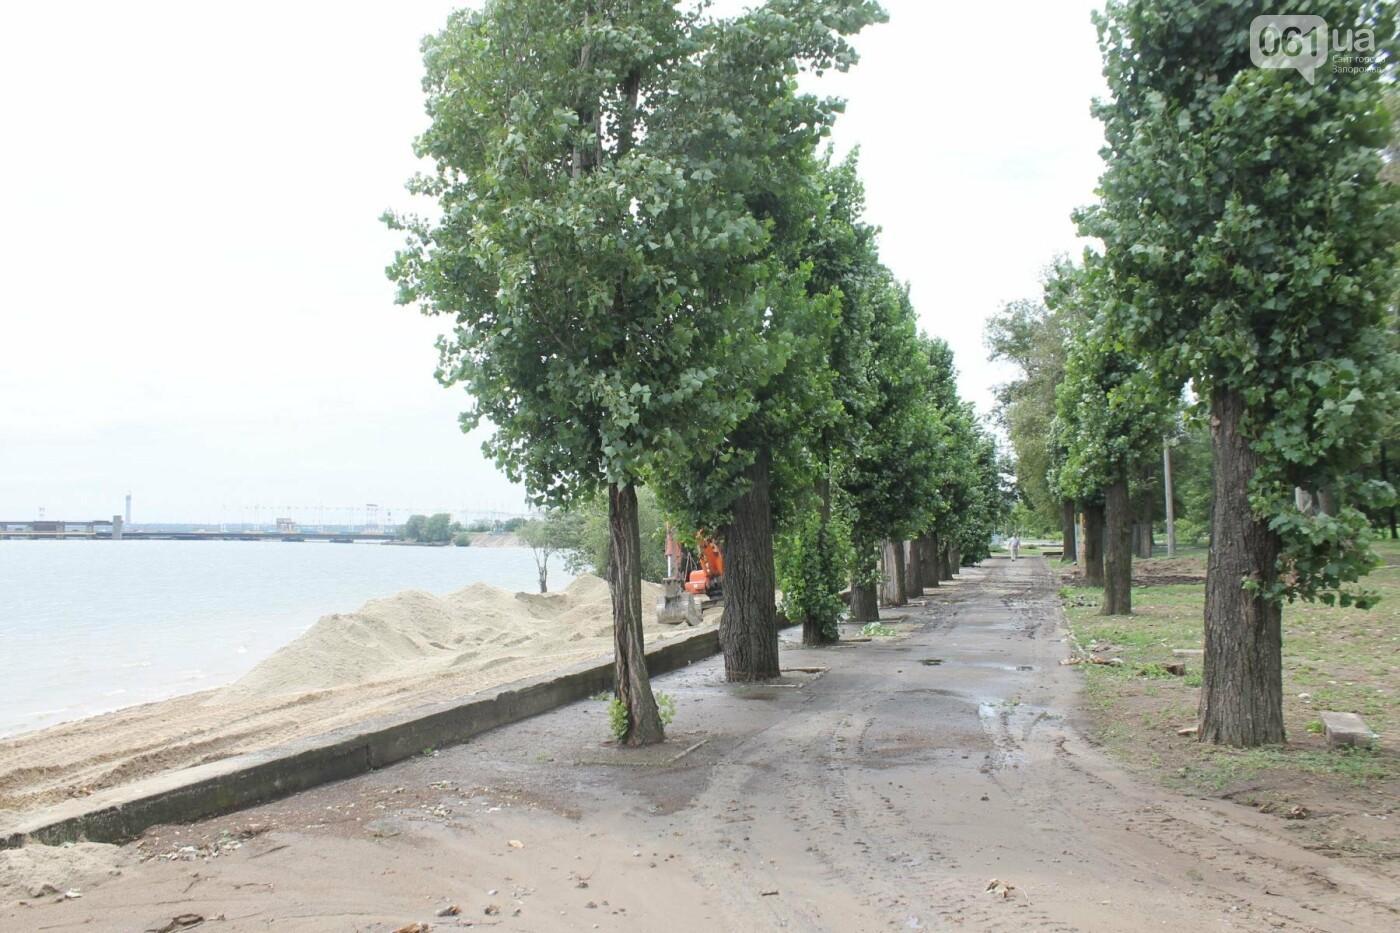 В Запорожье началась реконструкция Правобережного пляжа, – ФОТОРЕПОРТАЖ, фото-5